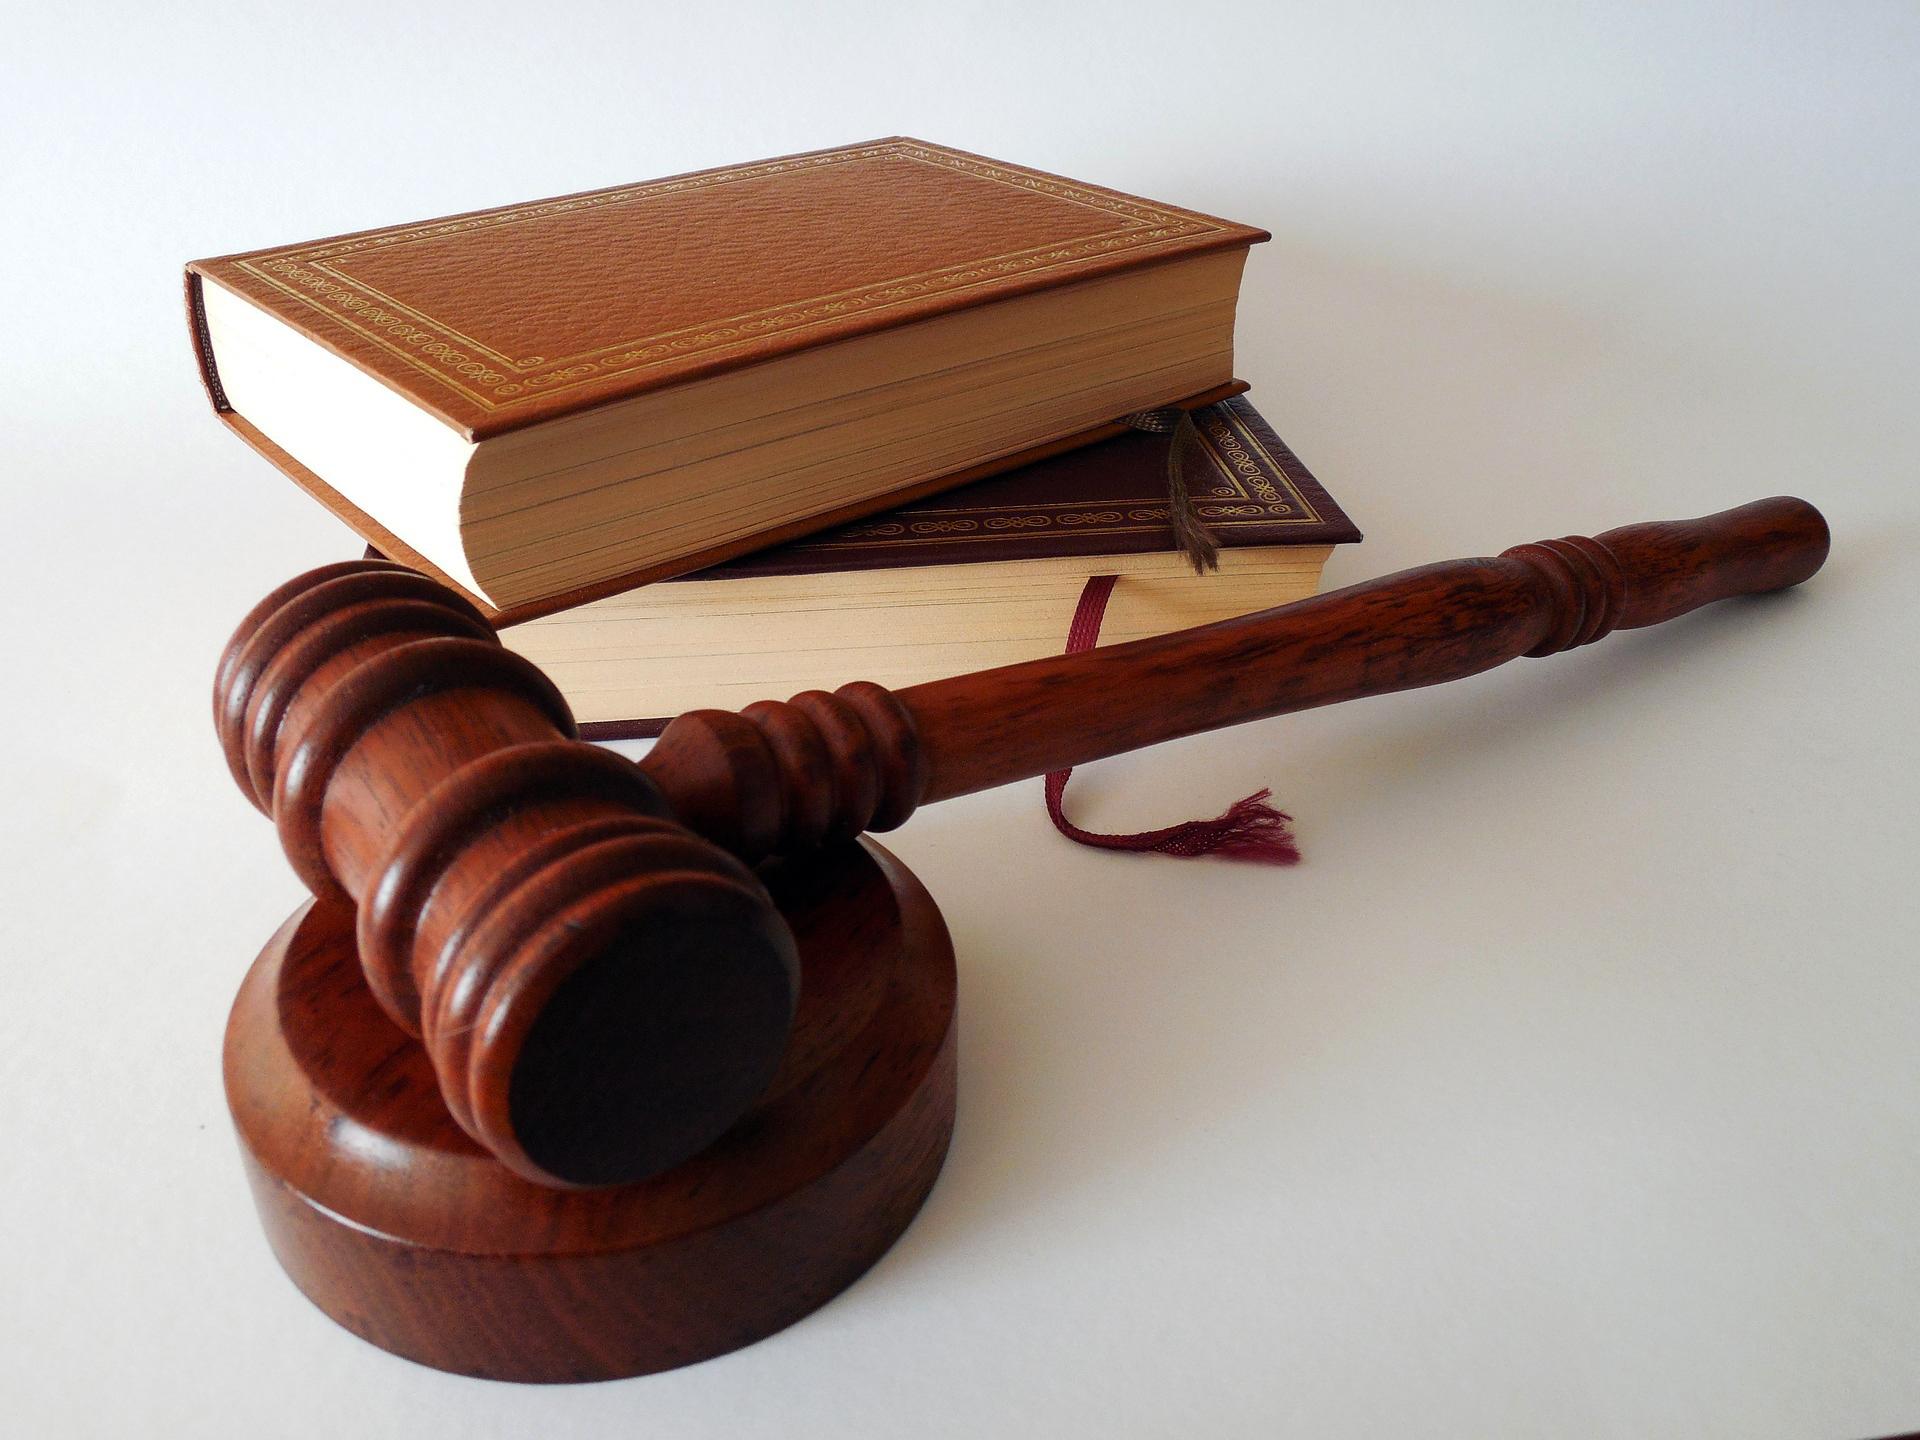 Prawnik, radca prawny czy adwokat?